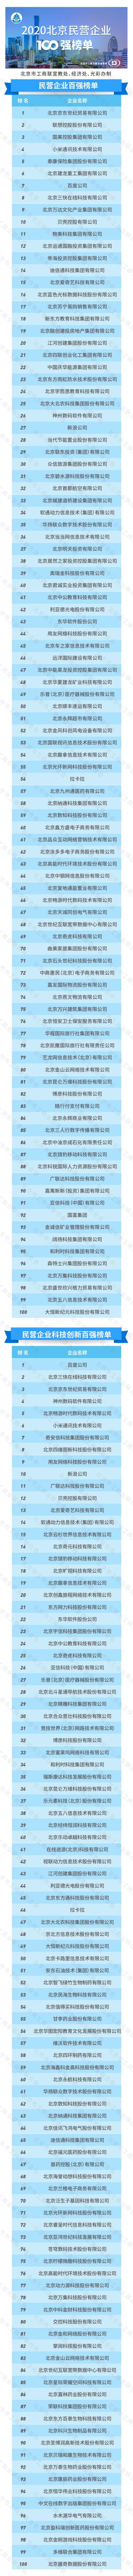 北京民营企业百强榜单出炉:京东联想国美位居前三